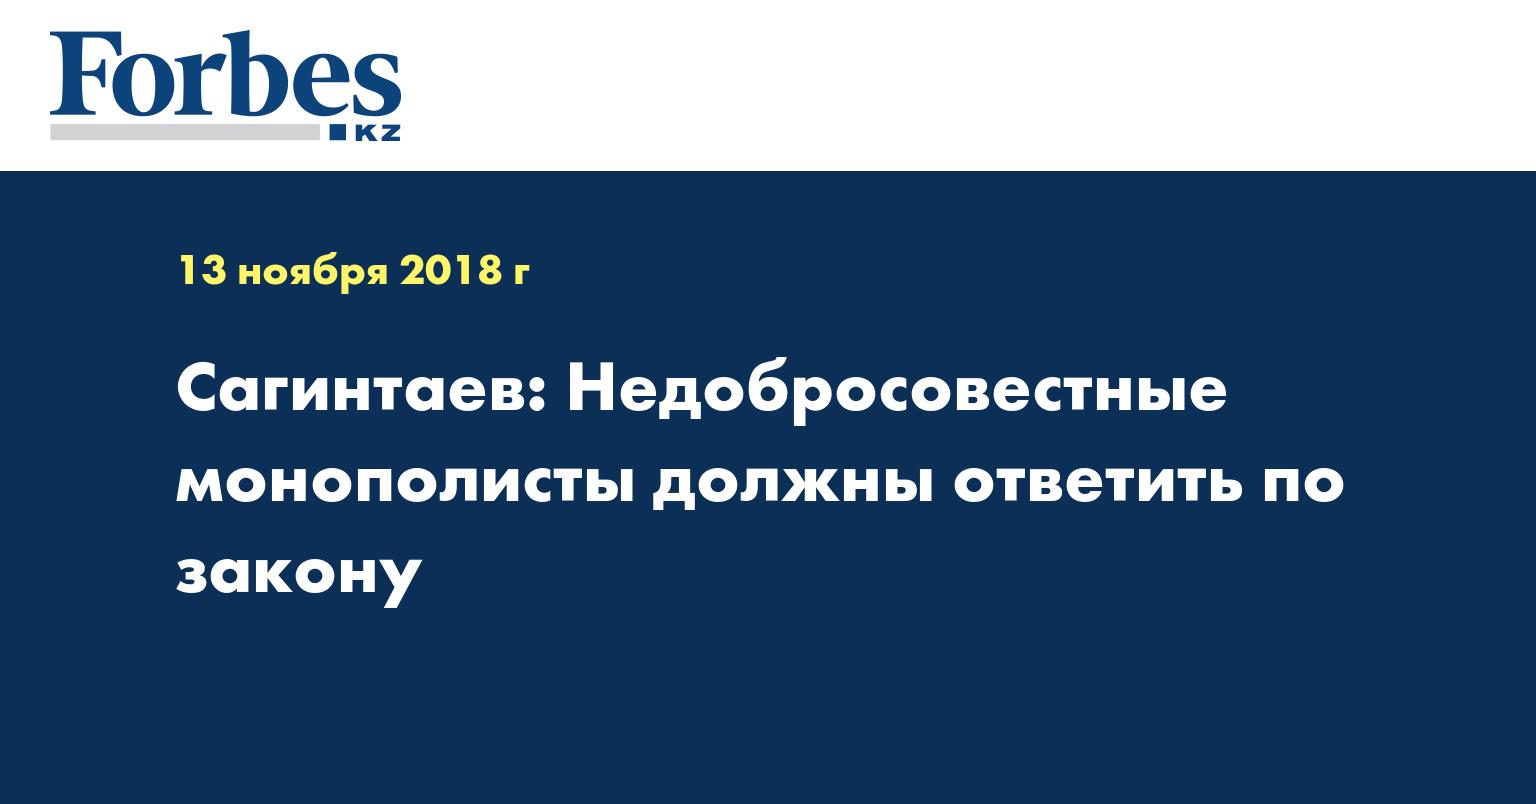 Сагинтаев: Недобросовестные монополисты должны ответить по закону